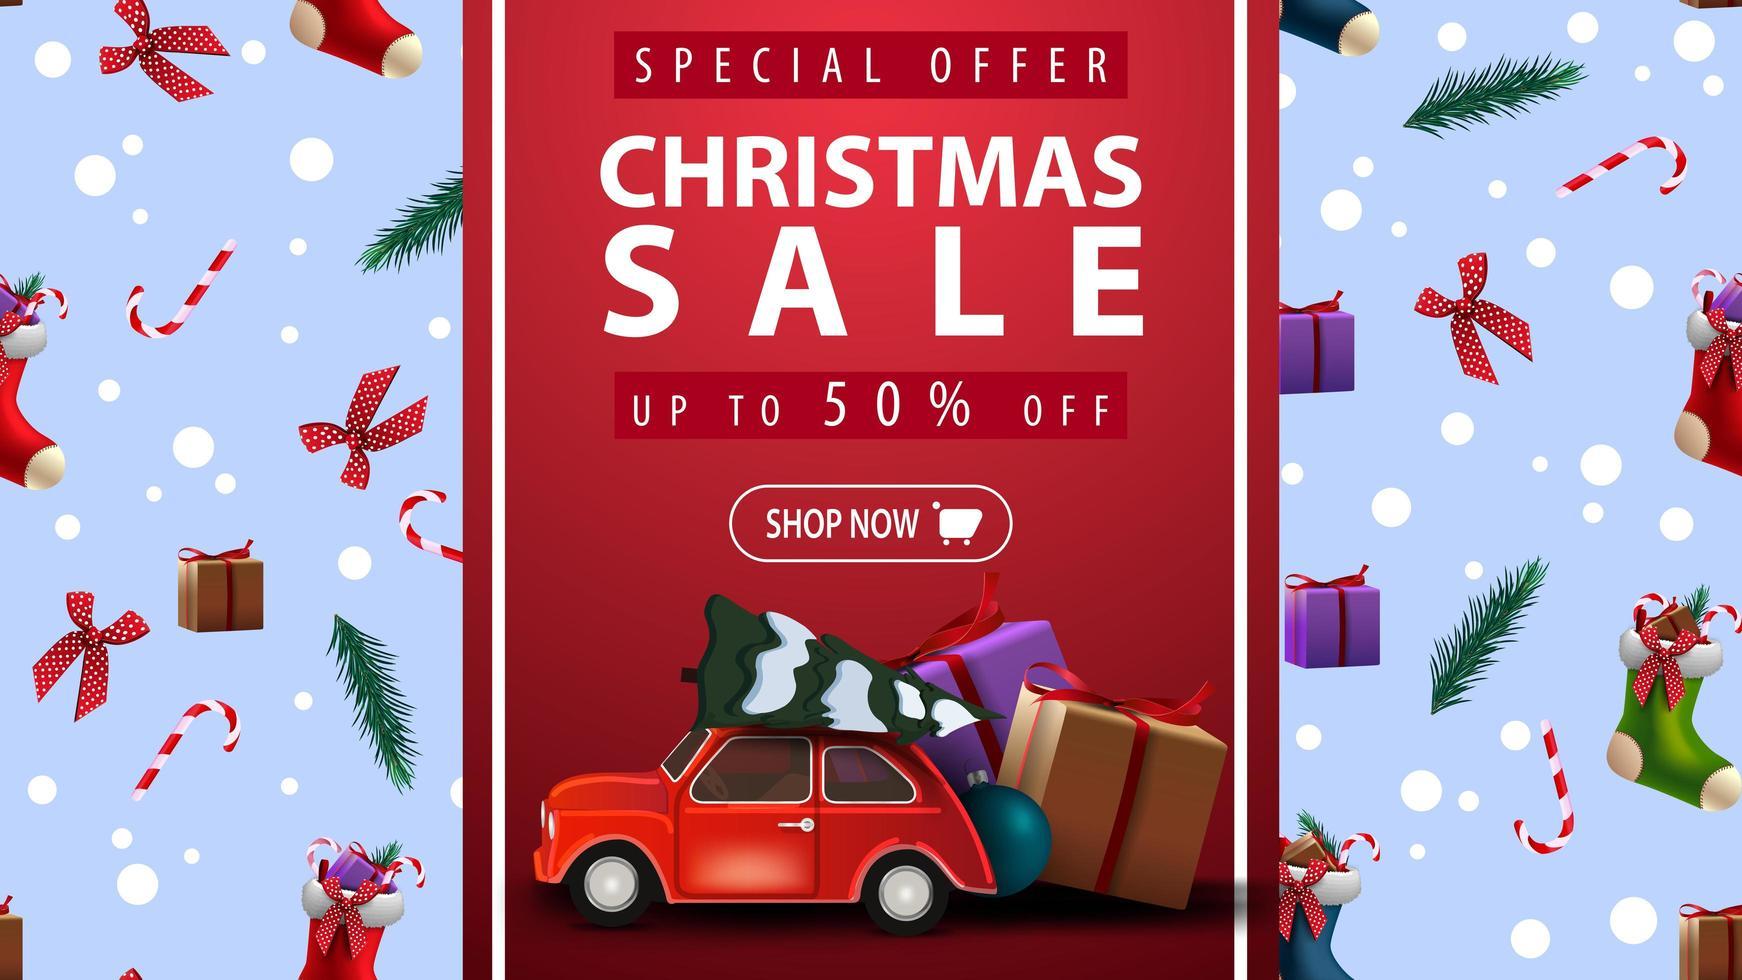 Sonderangebot, Weihnachtsverkauf, bis zu 50 Rabatt, schöne Rabatt-Banner mit rotem vertikalen Band, Weihnachtsbeschaffenheit auf Hintergrund und rotem Oldtimer mit Weihnachtsbaum vektor